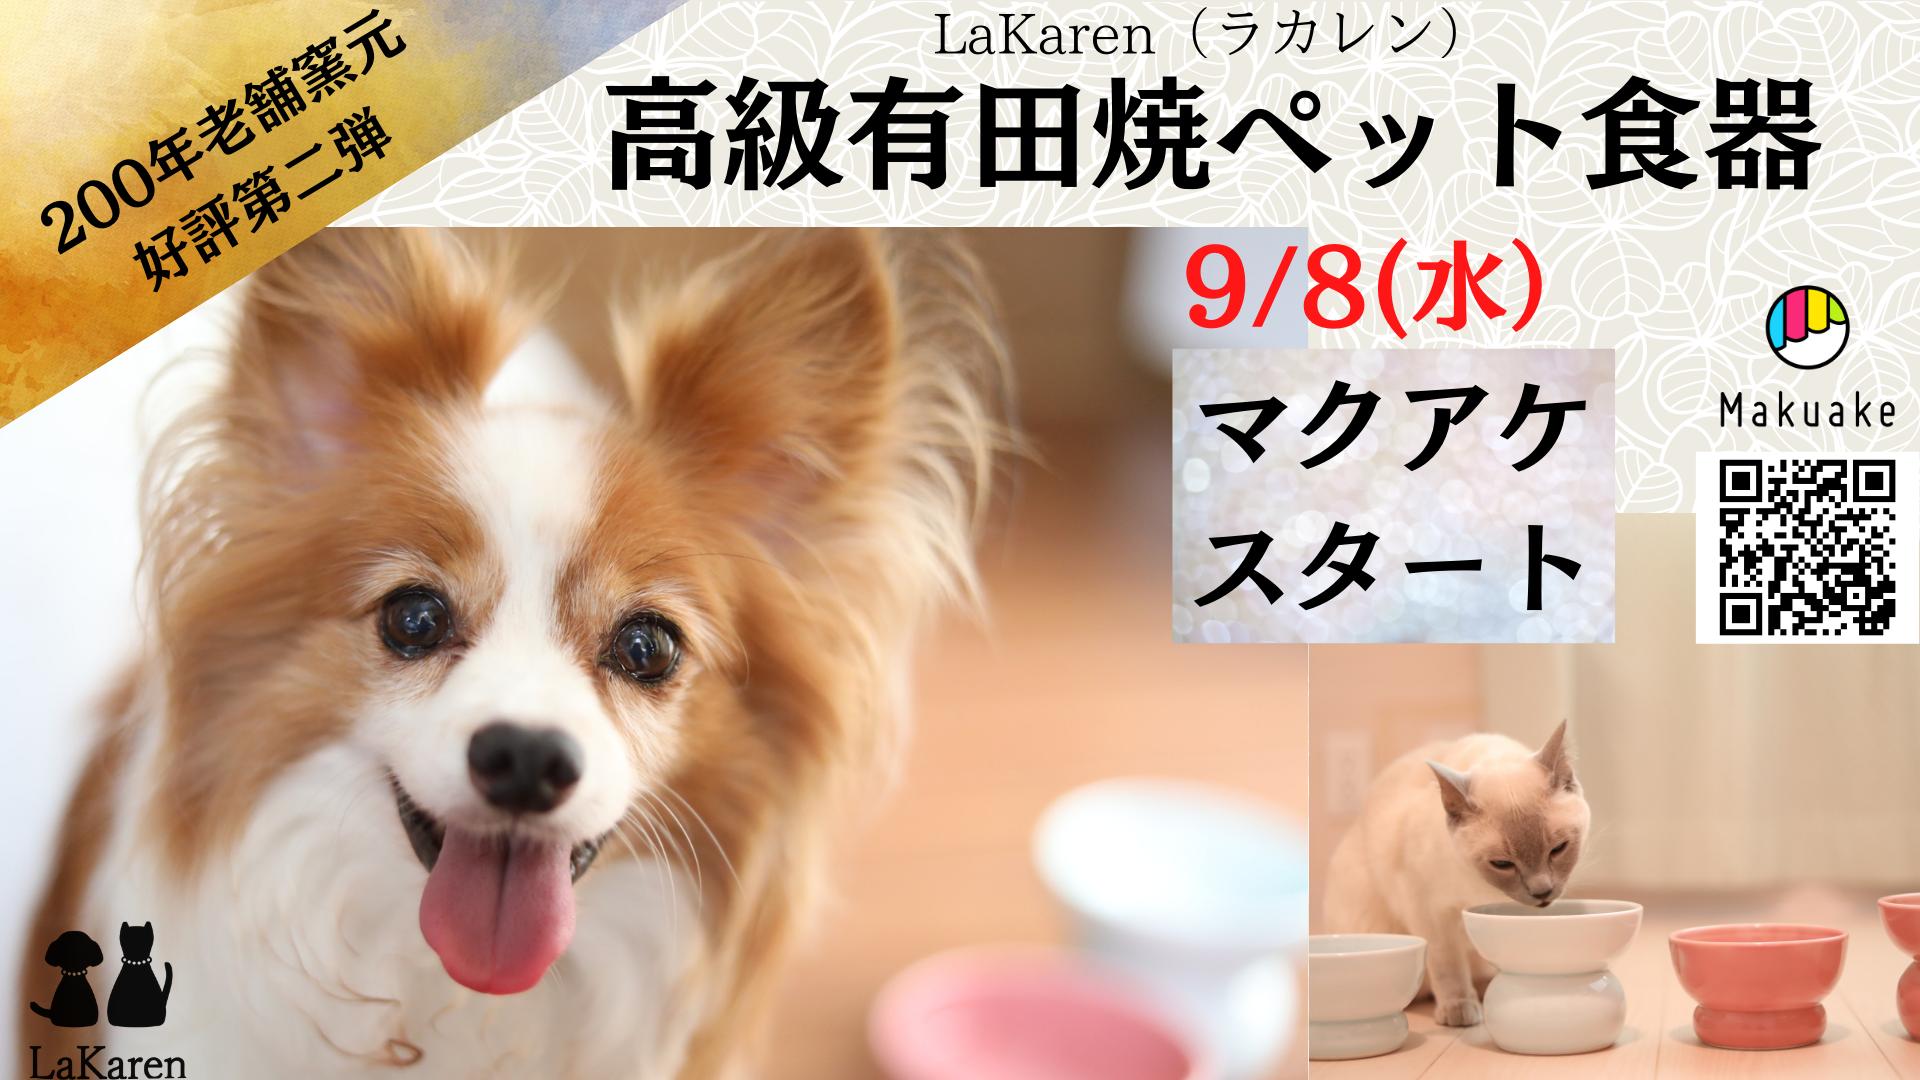 新型 まどかシリーズ 応援購入サービス【MaKuake】 9/8(水)11時よりスタート